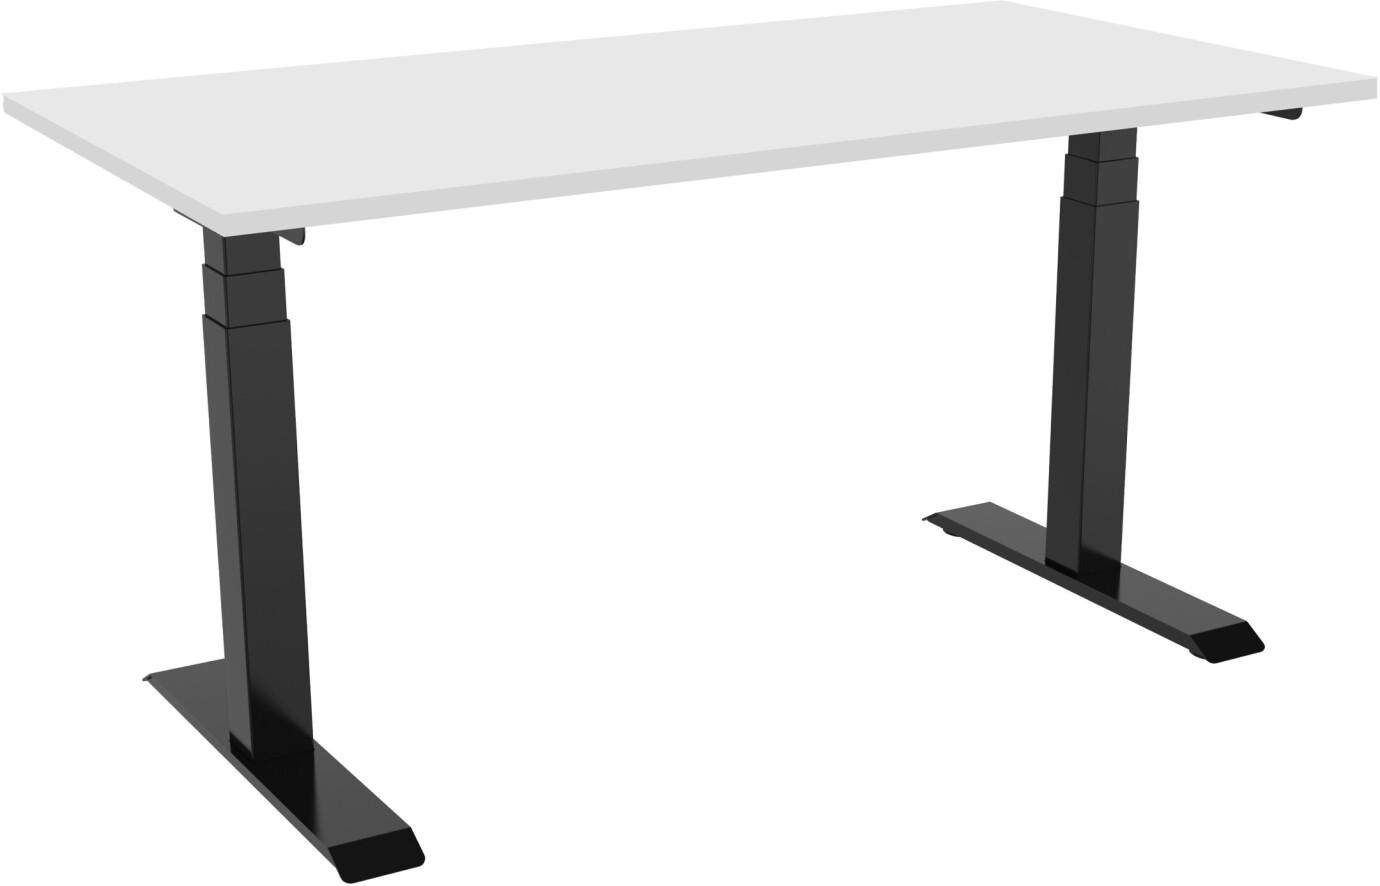 celexon elektrisch höhenverstellbarer Schreibtisch Professional eAdjust-58123 - schwarz, inkl. Tischplatte 150 x 75 cm